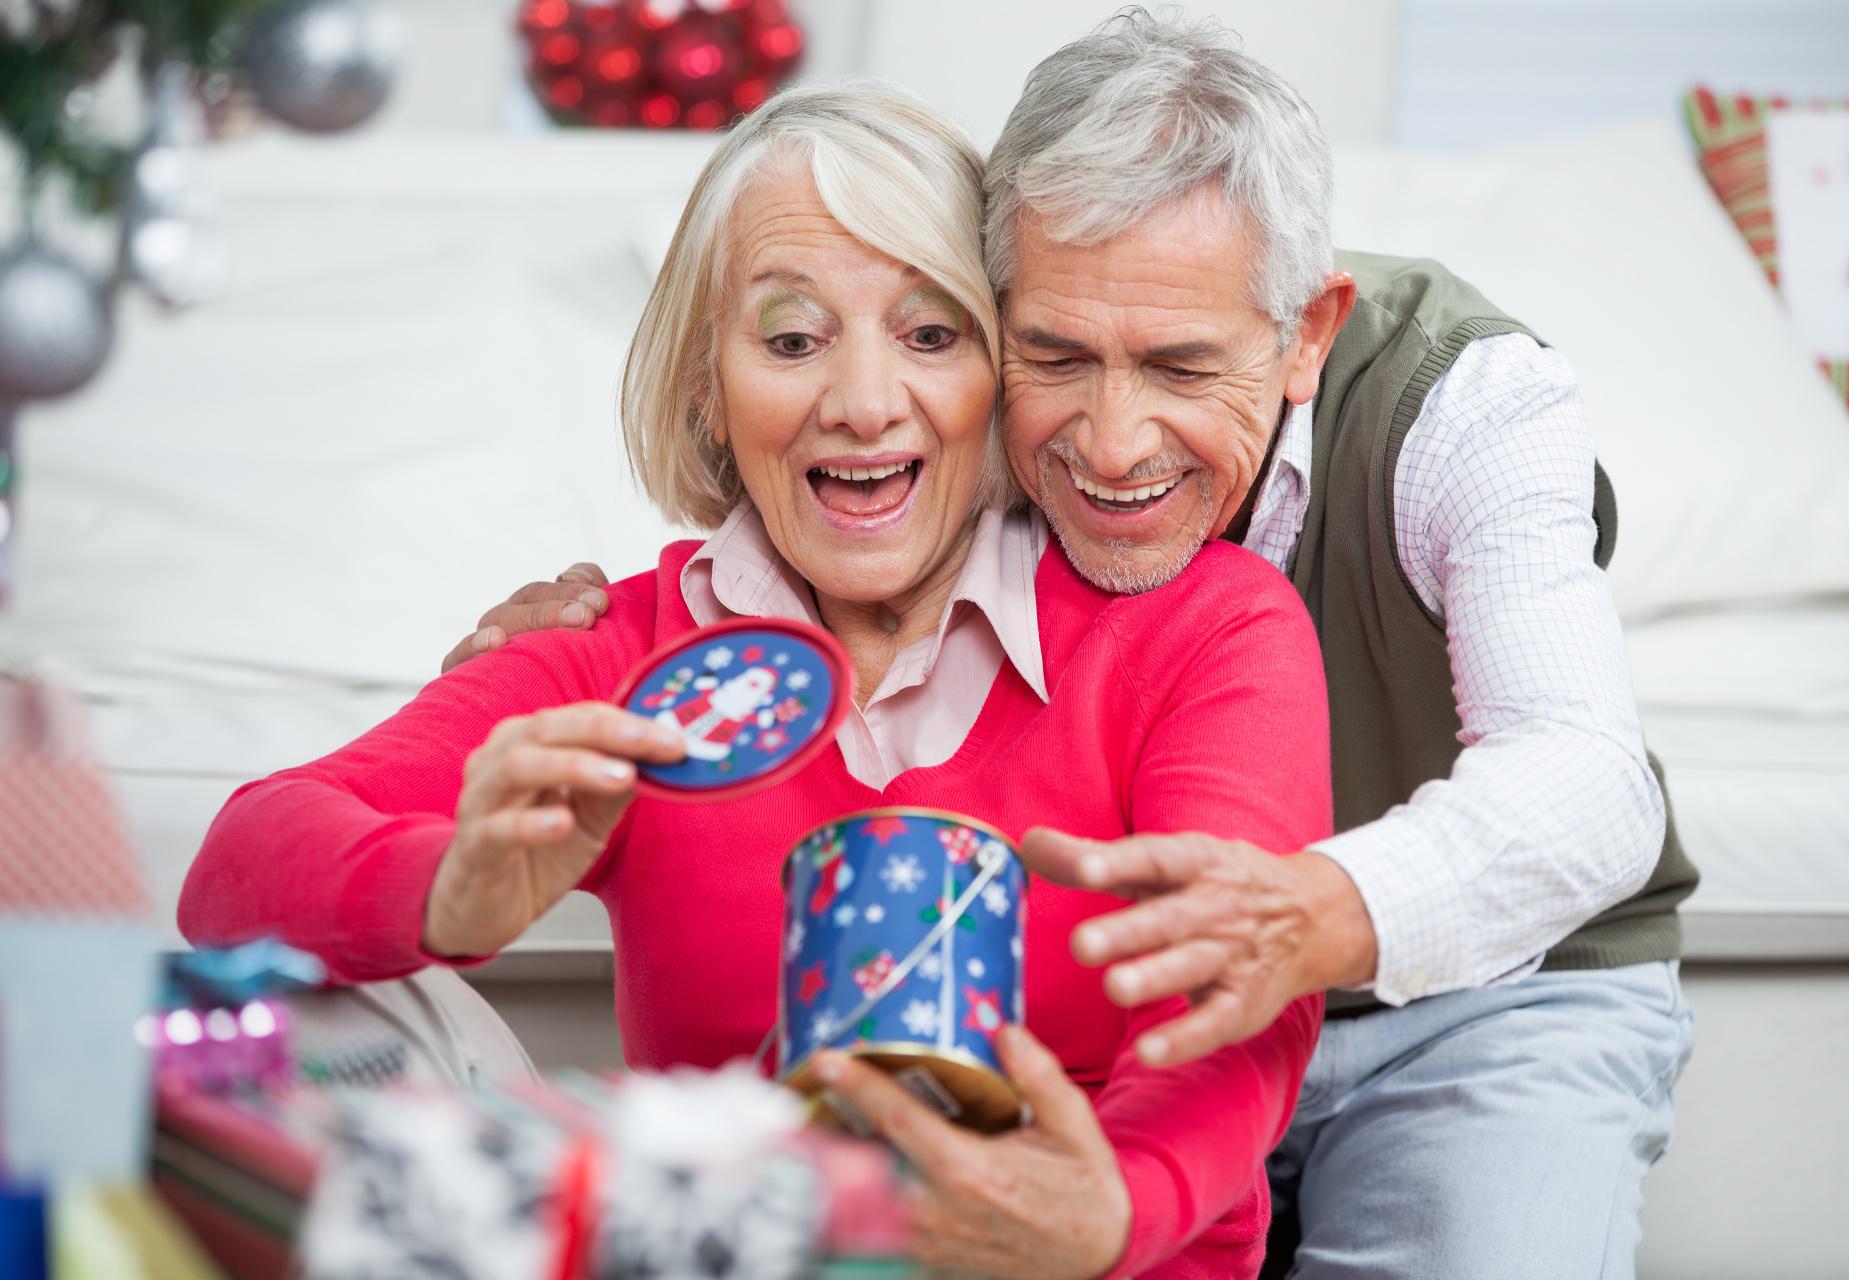 Die 9 besten Weihnachtsgeschenke für Oma & Opa   Preis.de SparBlog